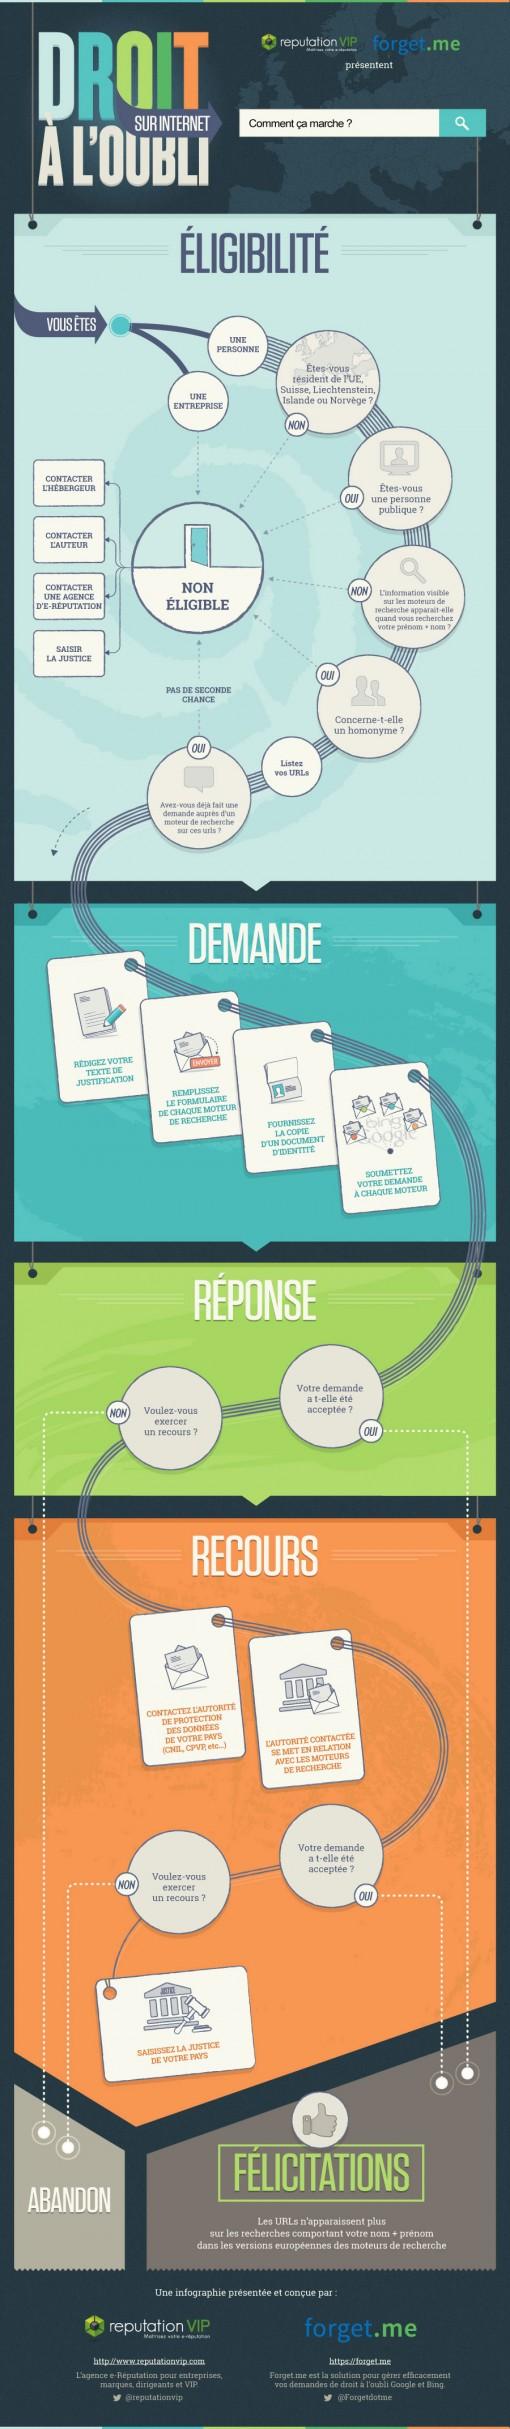 Guide du droit à l'oubli - infographie